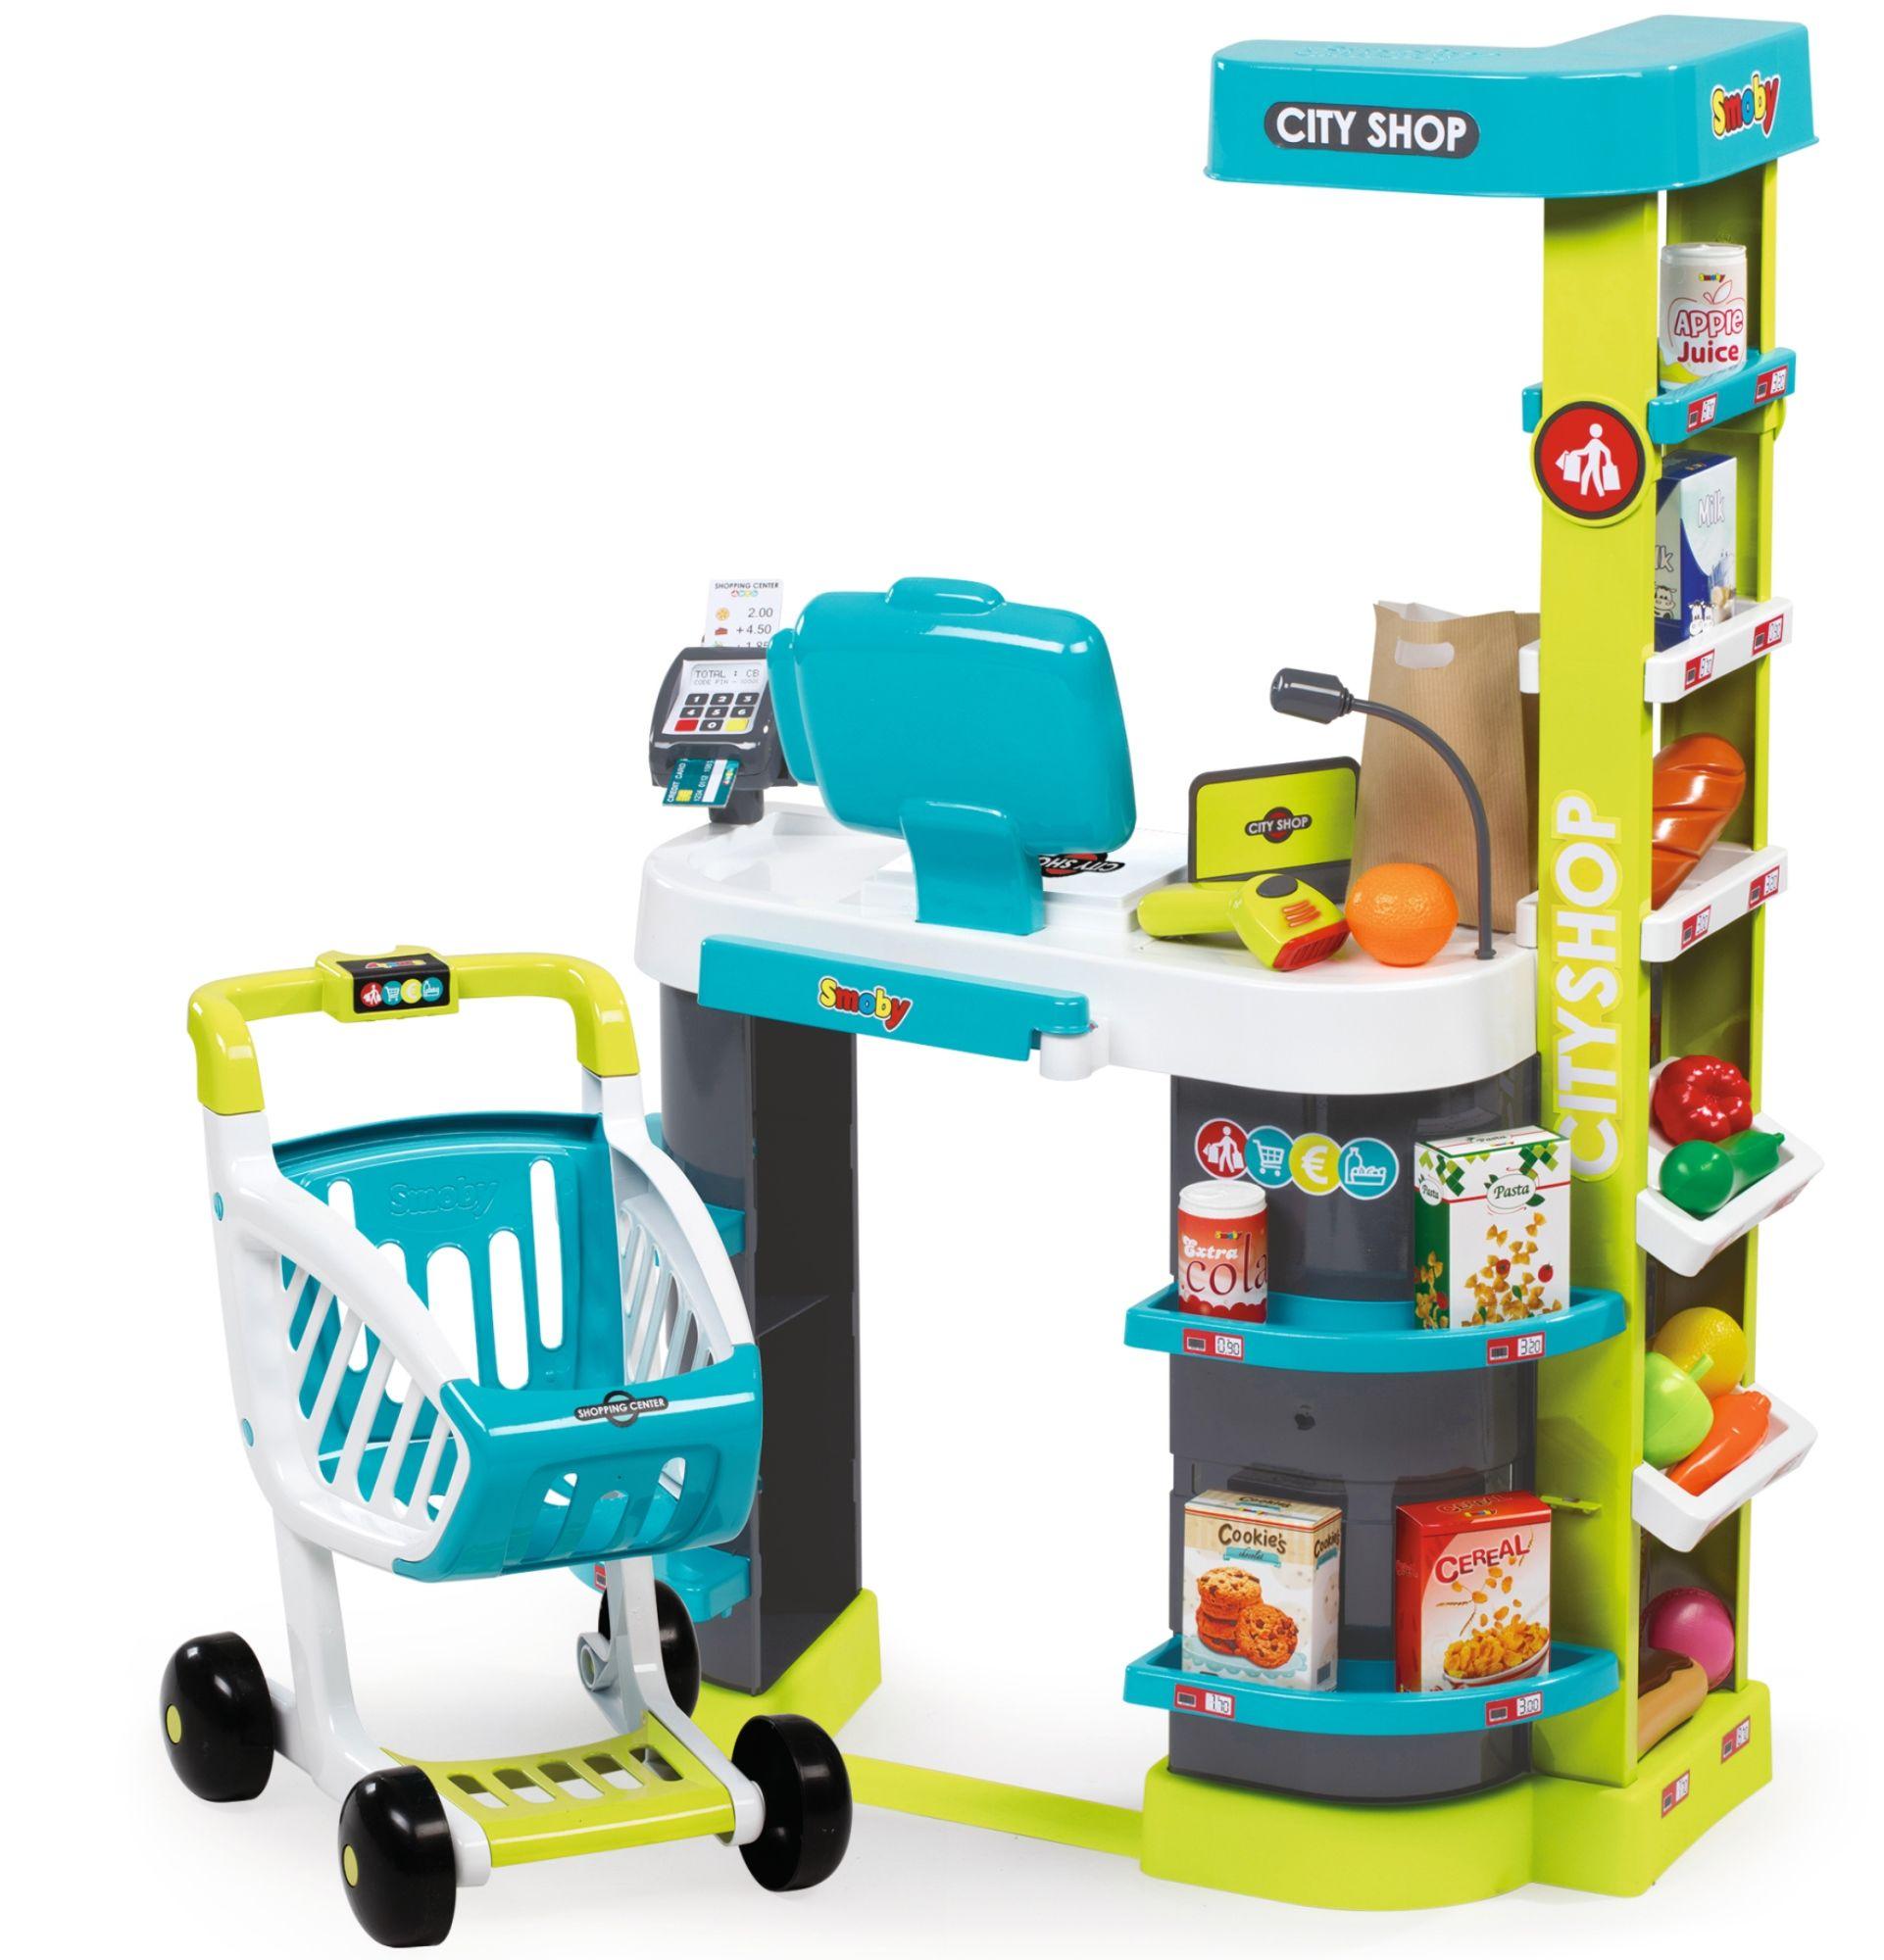 54780a68583704 Smoby Supermarket Sklep City Shop elektroniczna kasa wózek + akcesoria  Kliknij, aby powiększyć